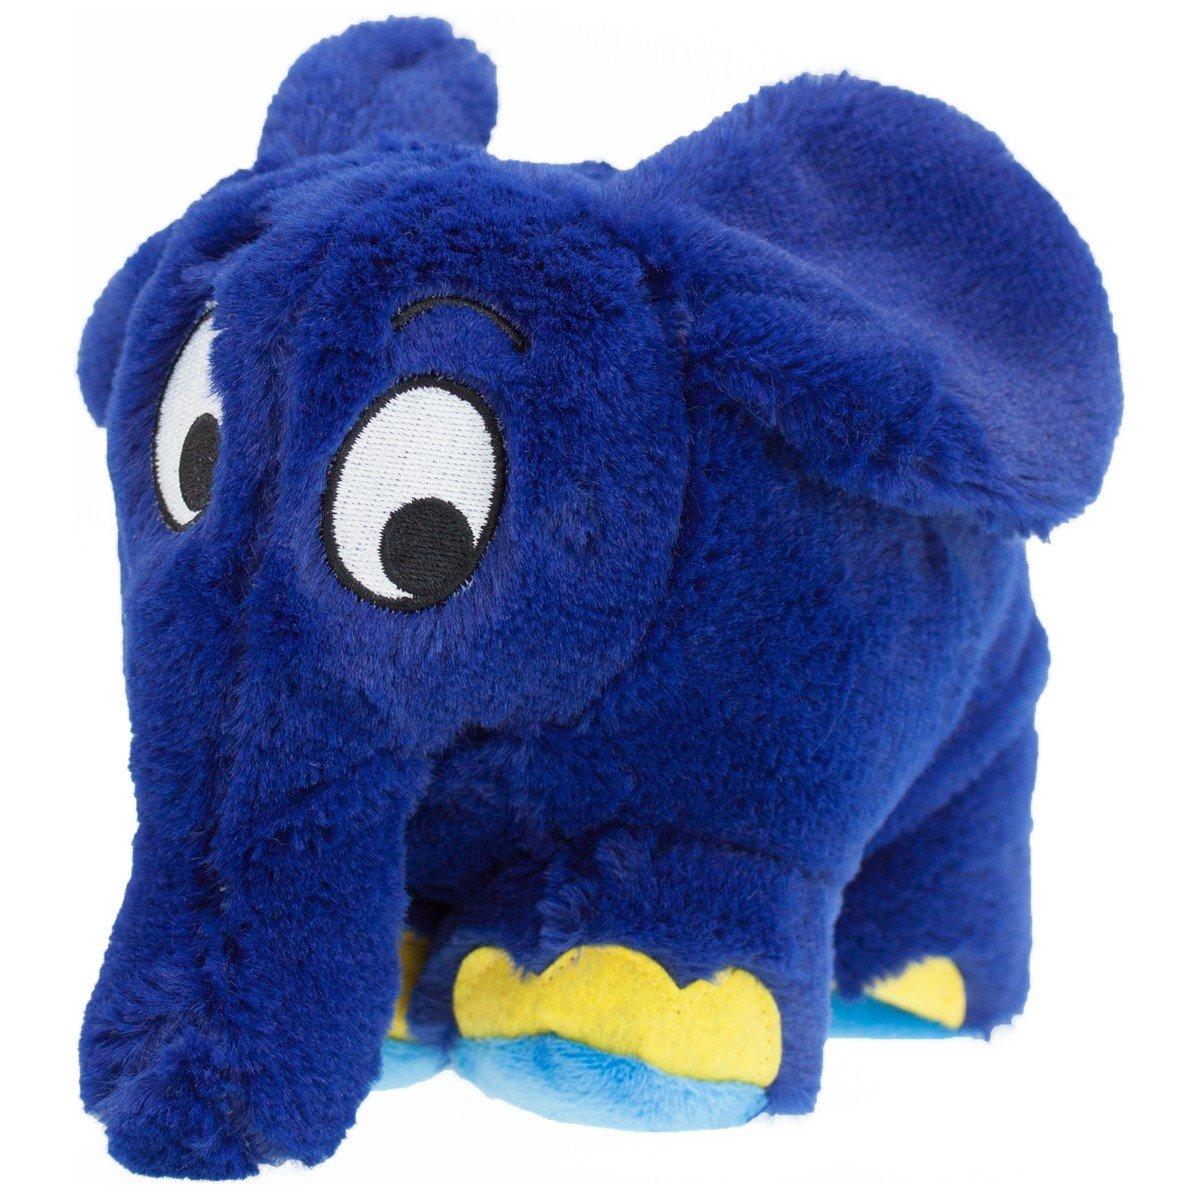 Wärmestofftiere – Maus und Elefant